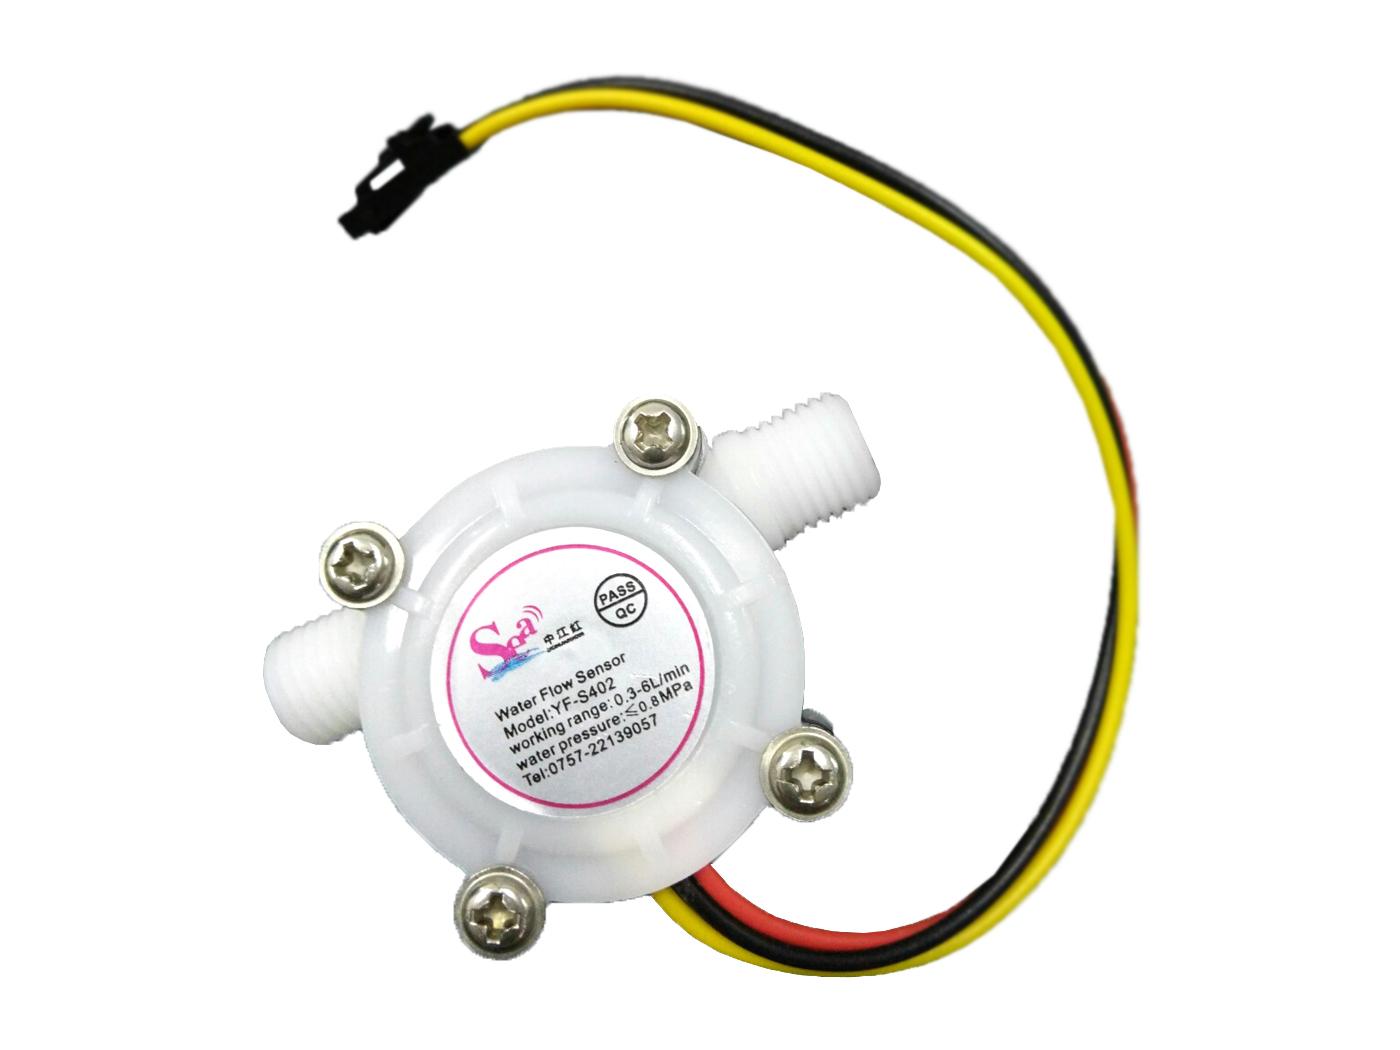 M11*1.25 Water Flow Sensor